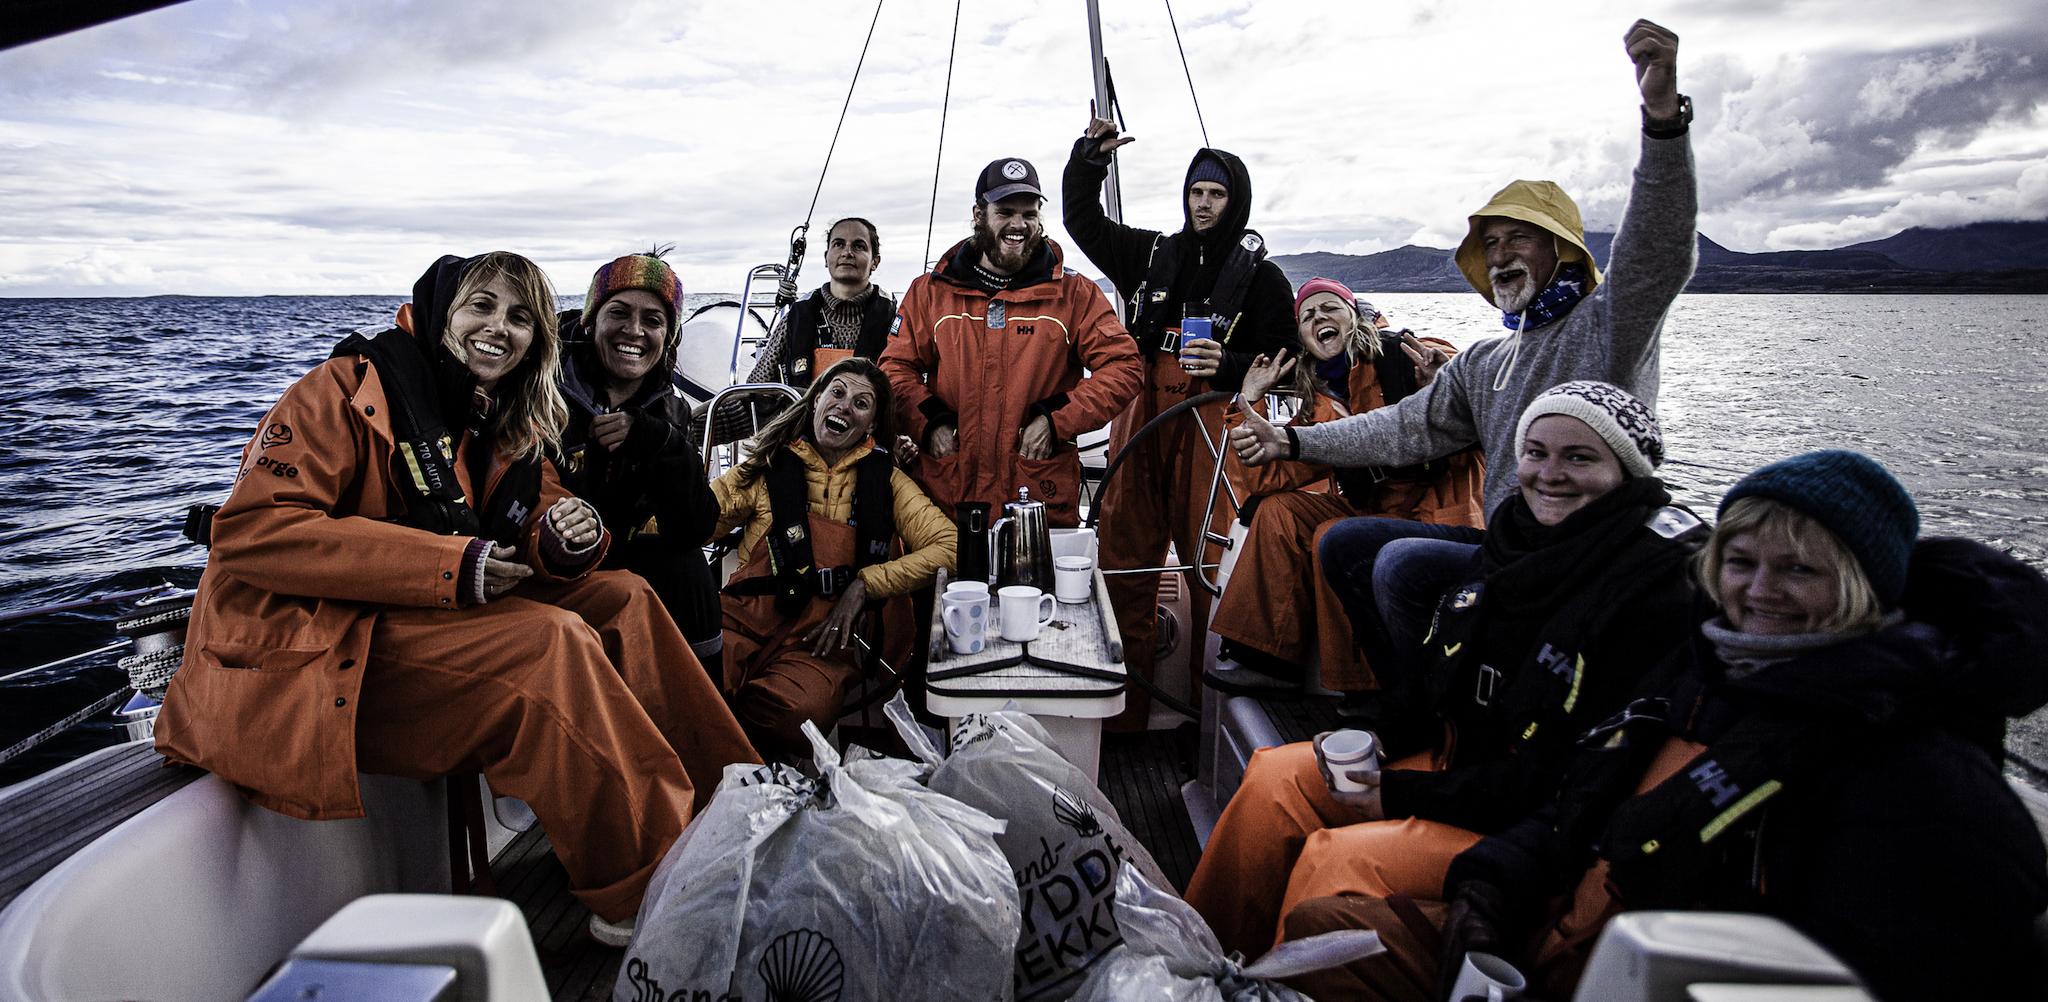 Seil TAVAHA – strandrydding på Helgeland